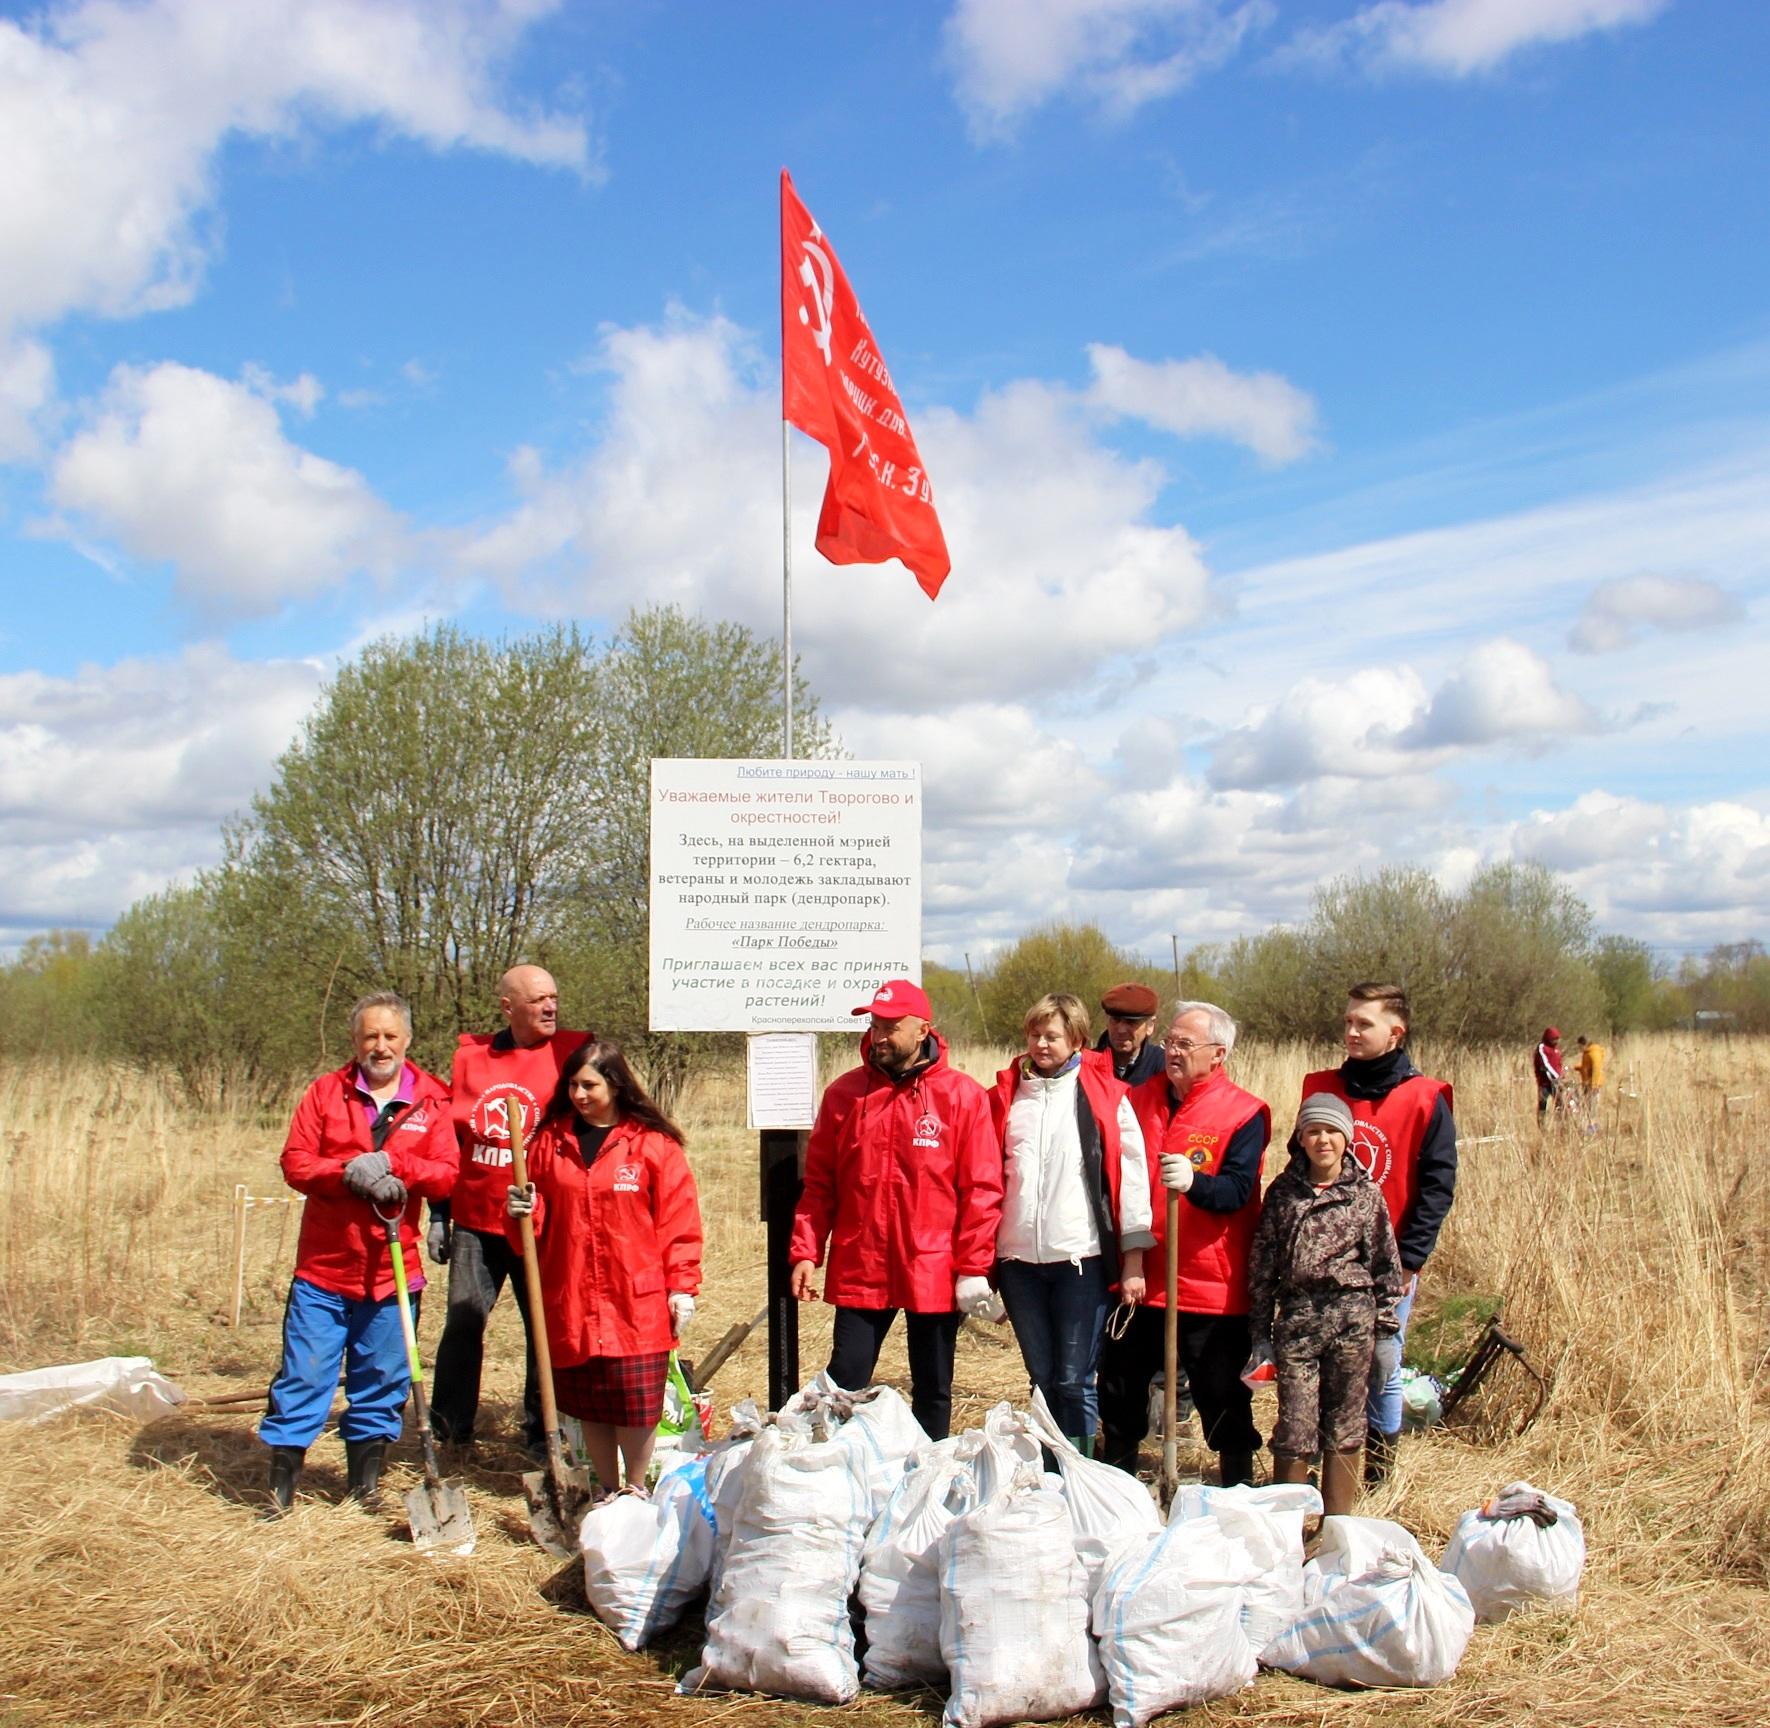 Ярославские коммунисты ведут посадку деревьев в будущем парке Победы (фоторепортаж)